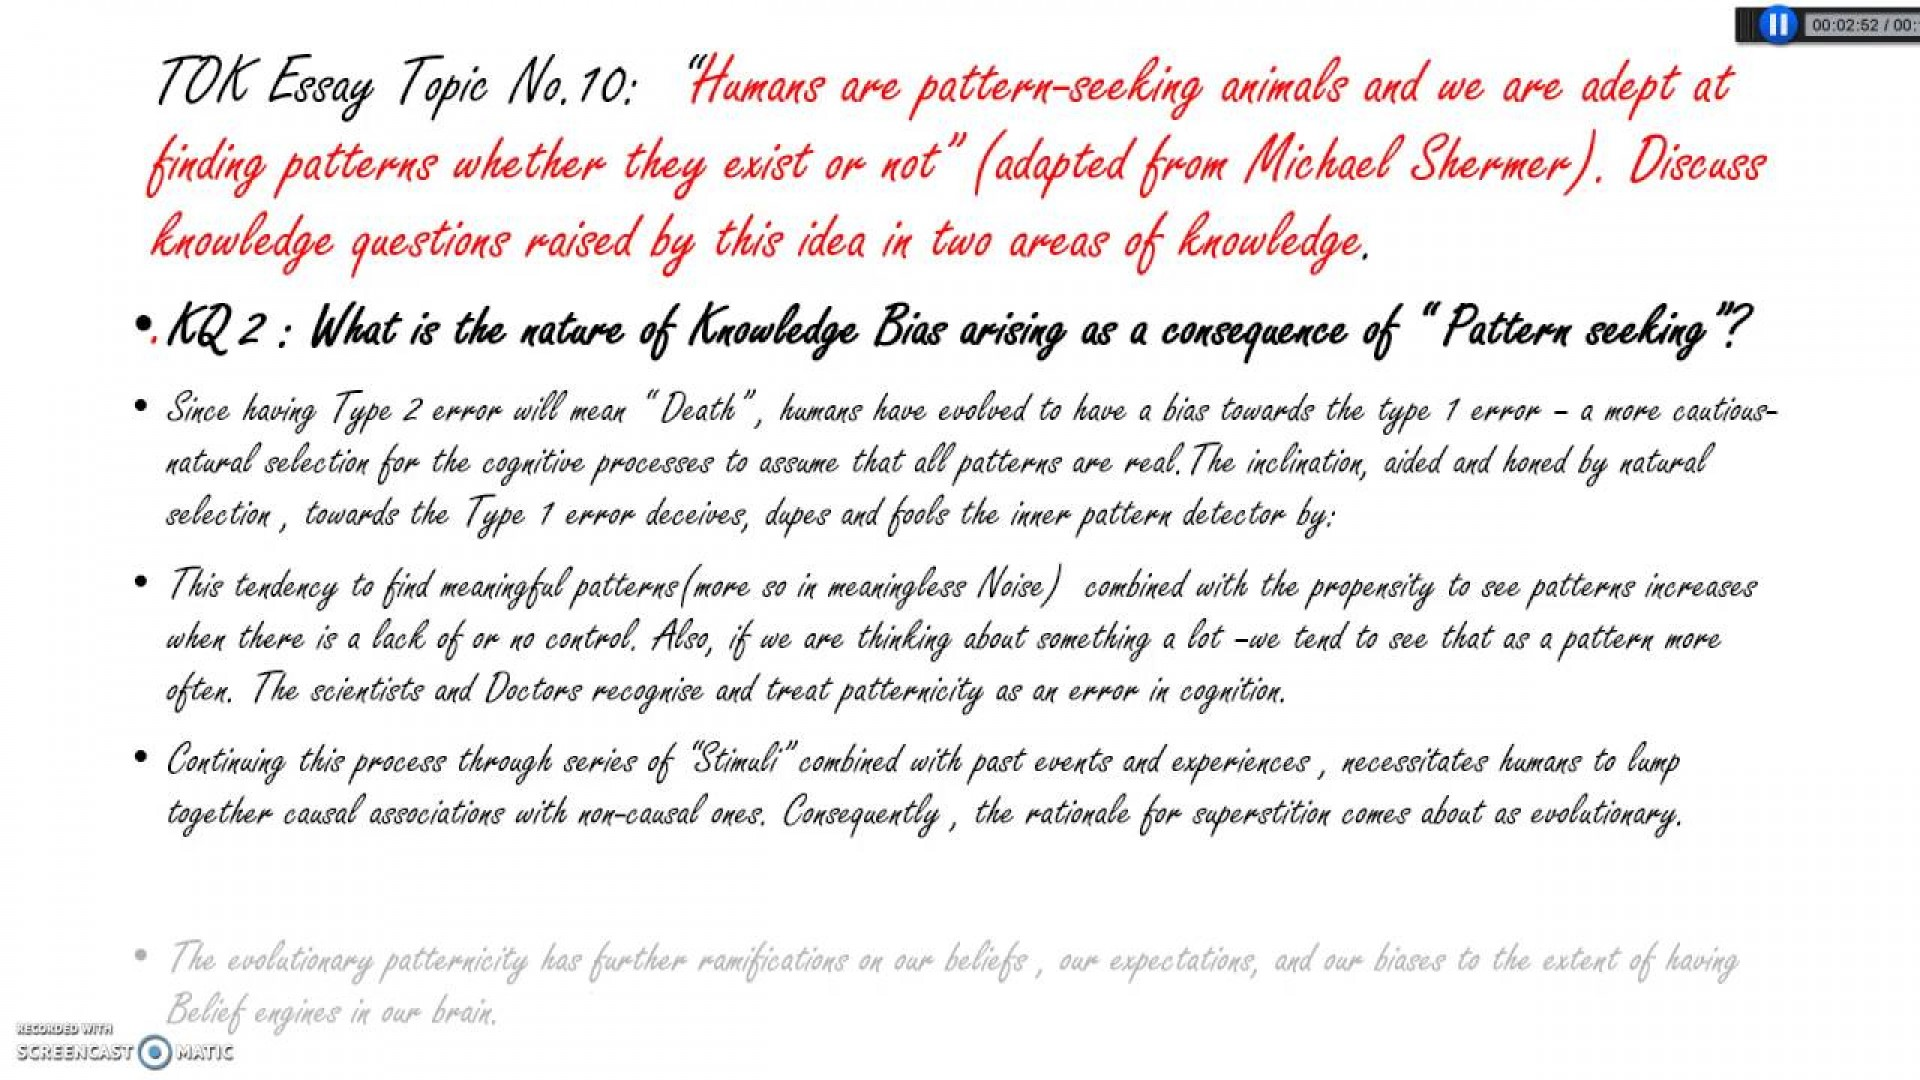 007 How To Write Tok Essay Example Wondrous A Ib Mastery Reddit 1920